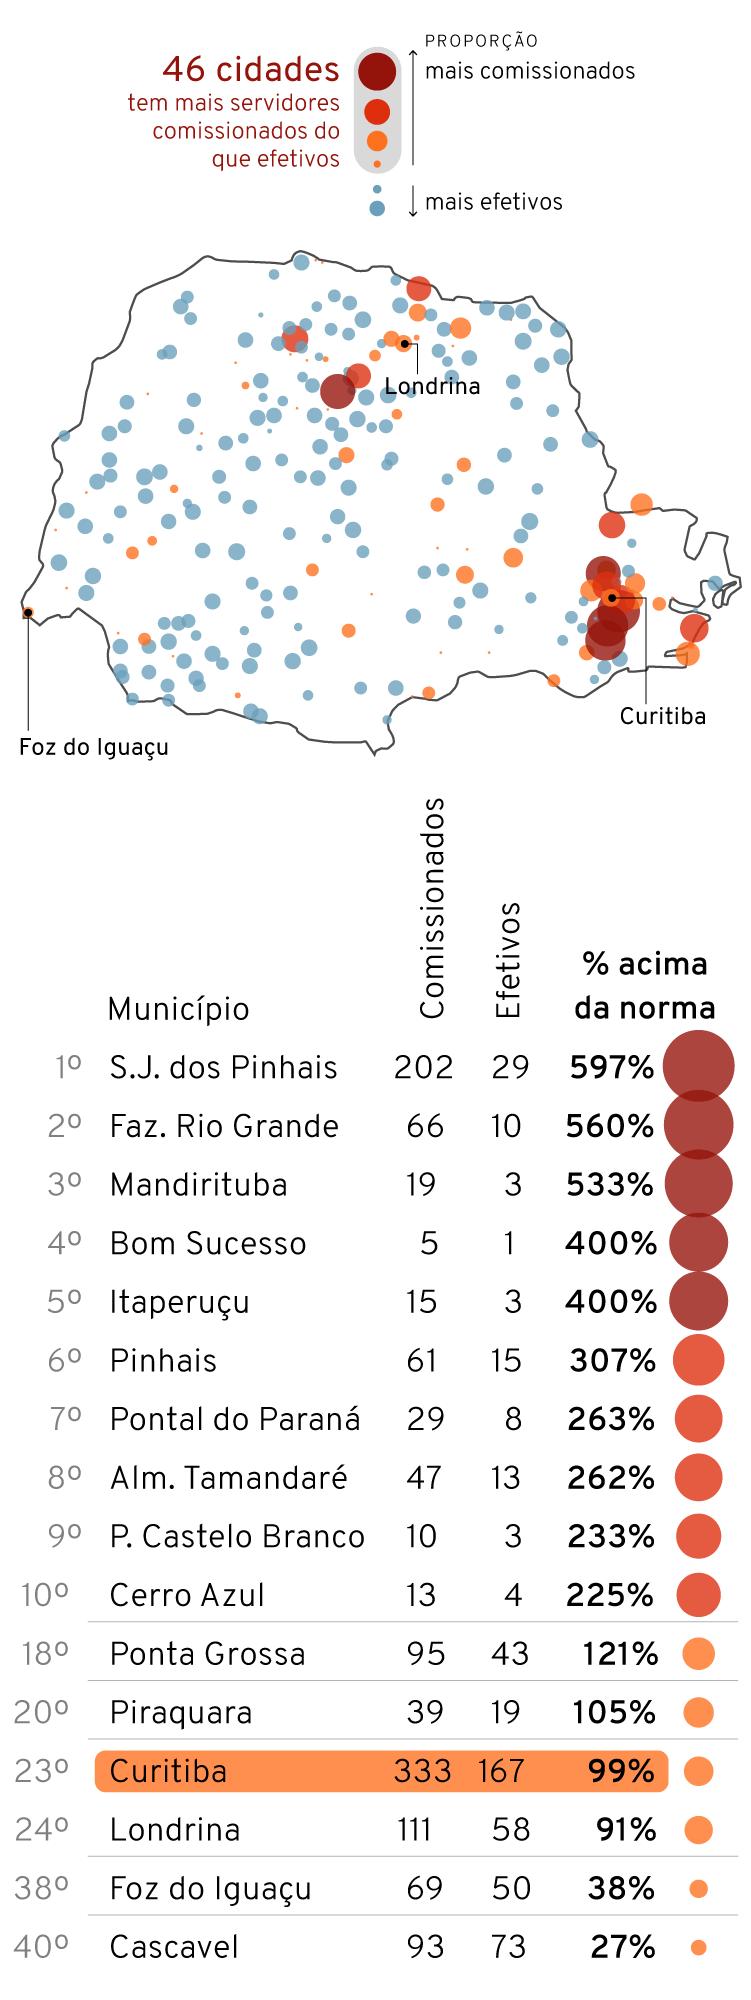 Infográfico: Mapa com a relação de funcionários comissionados x efetivos nas Câmaras Municipais de vereadores do Paraná